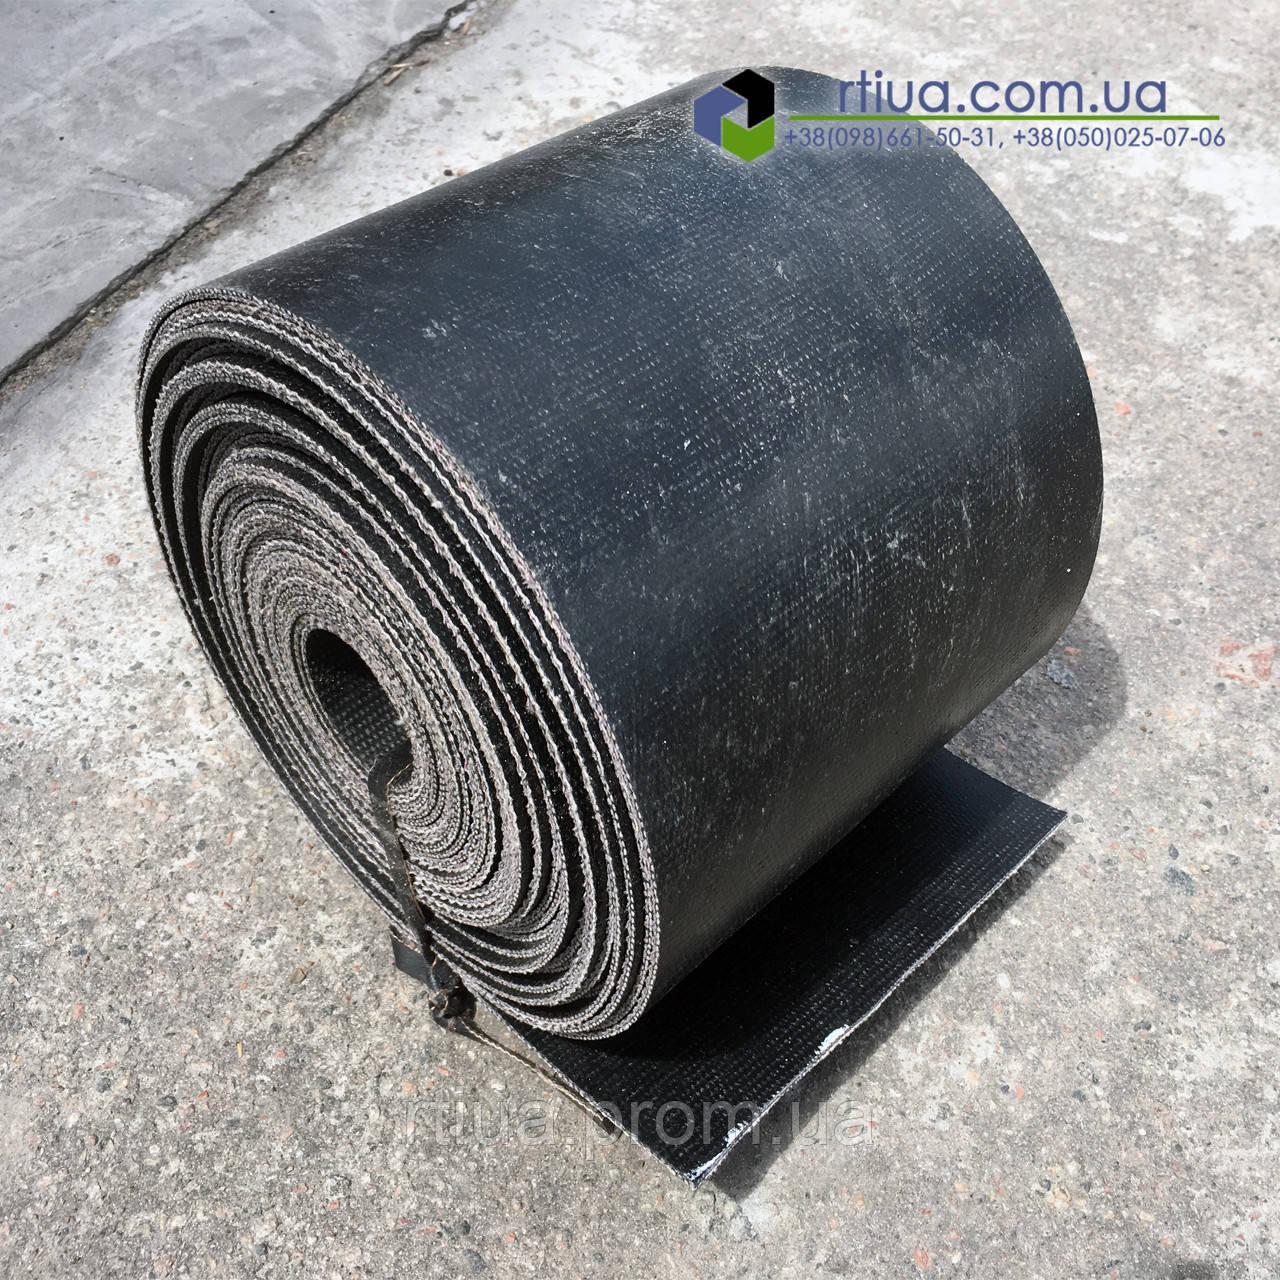 Транспортерная лента БКНЛ, 150х8 мм